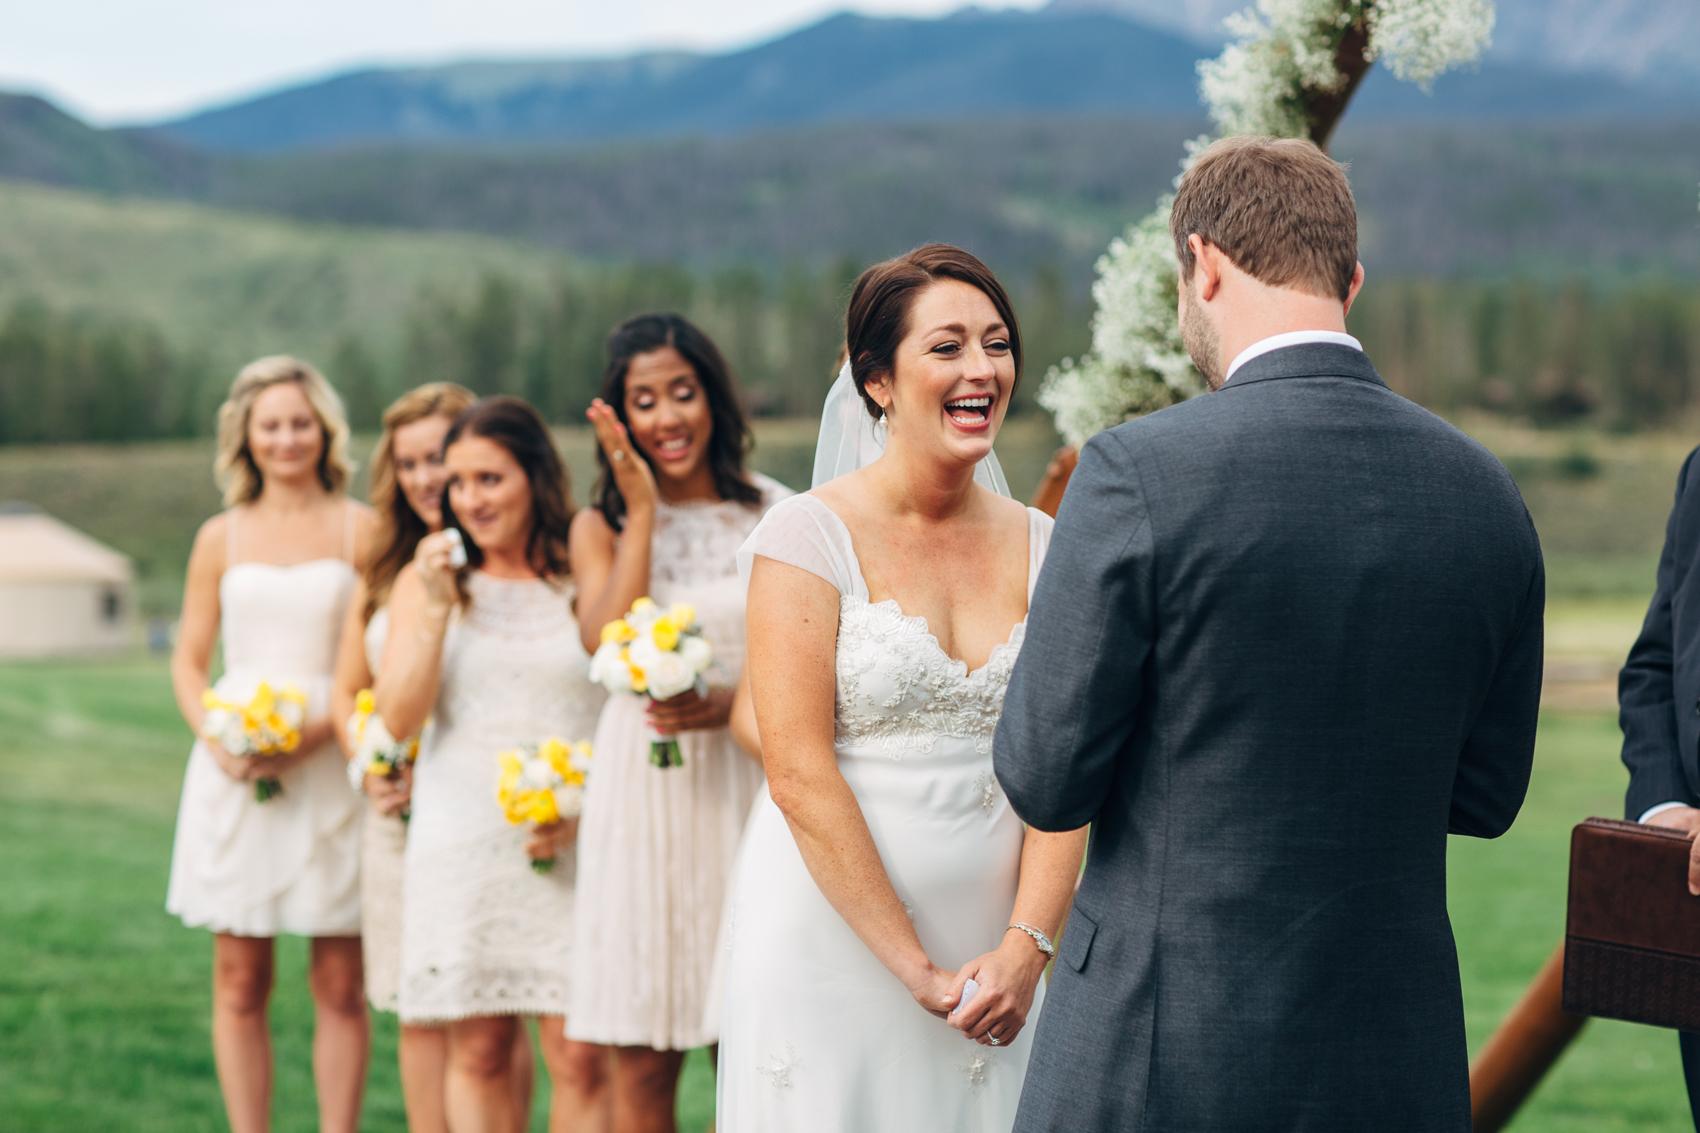 weddings-fth-19.jpg